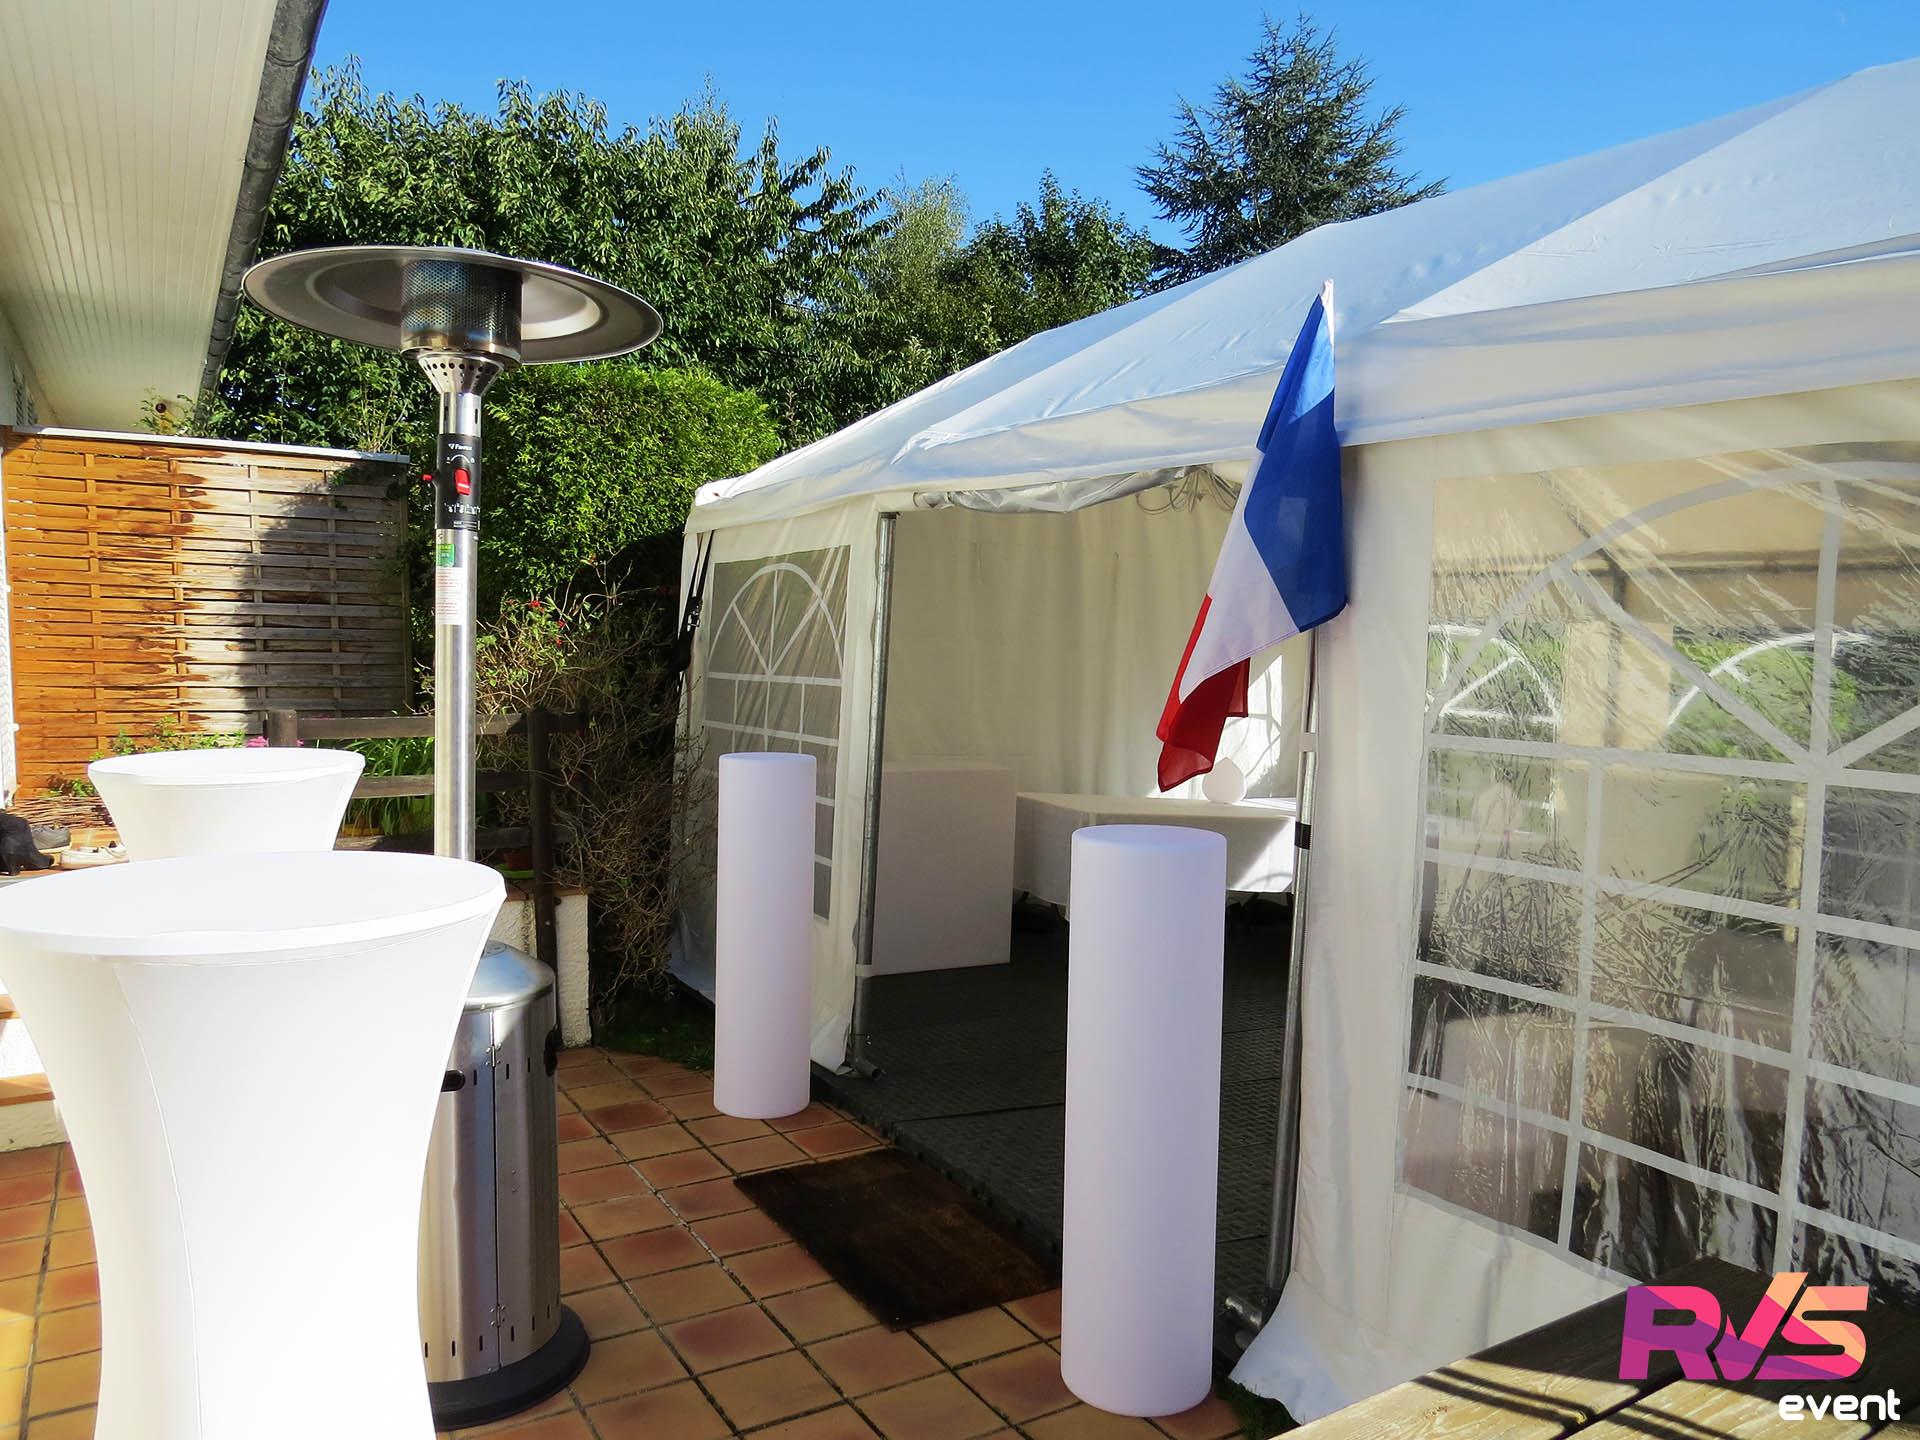 Location d 39 un barnum dans un petit jardin soir e match - Location parasol chauffant ...